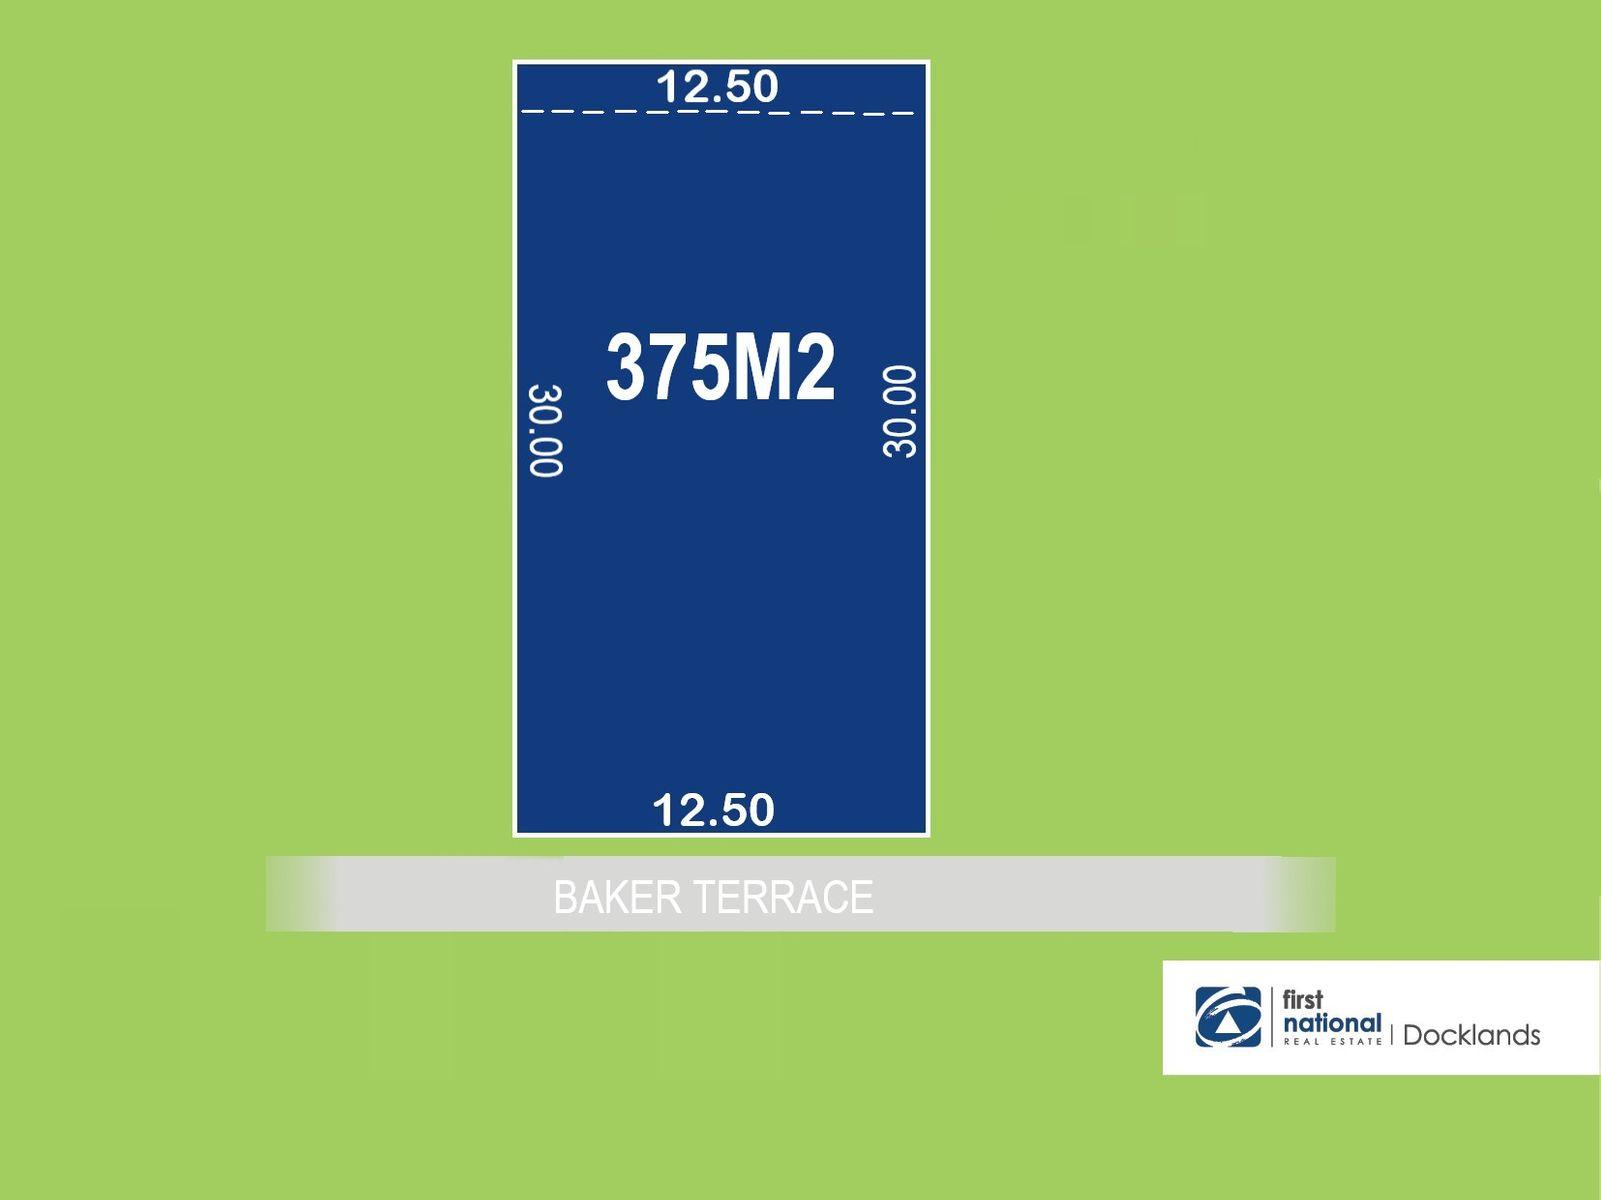 217 Baker Terrace, Fraser Rise, VIC 3336